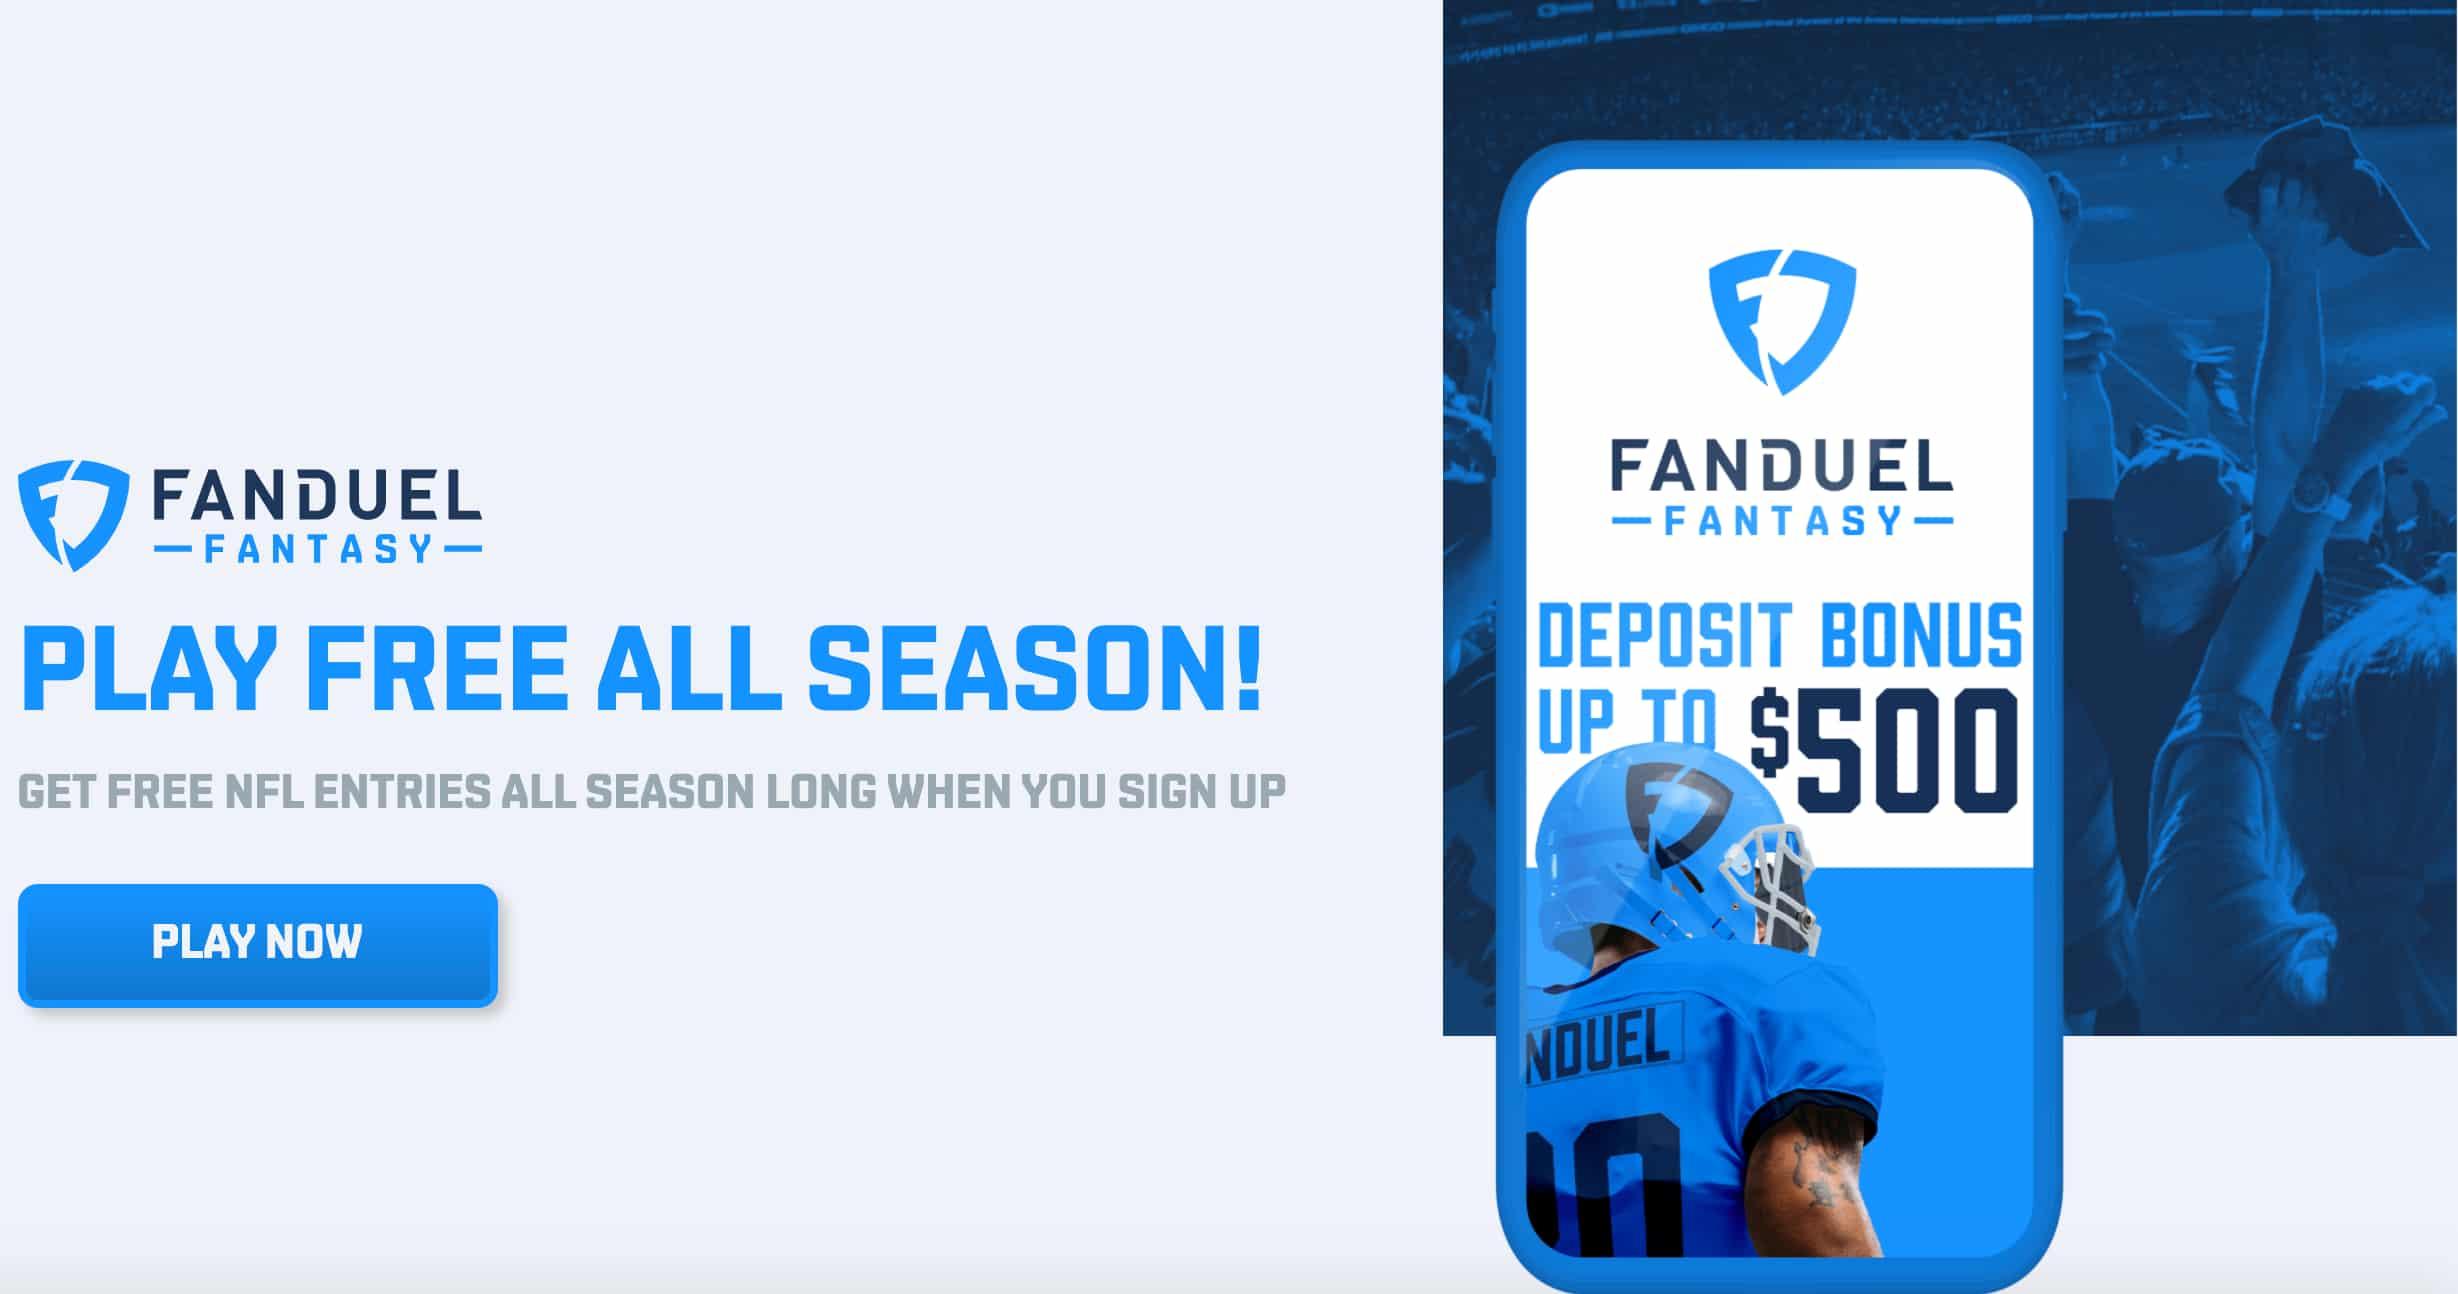 FanDuel Play Free